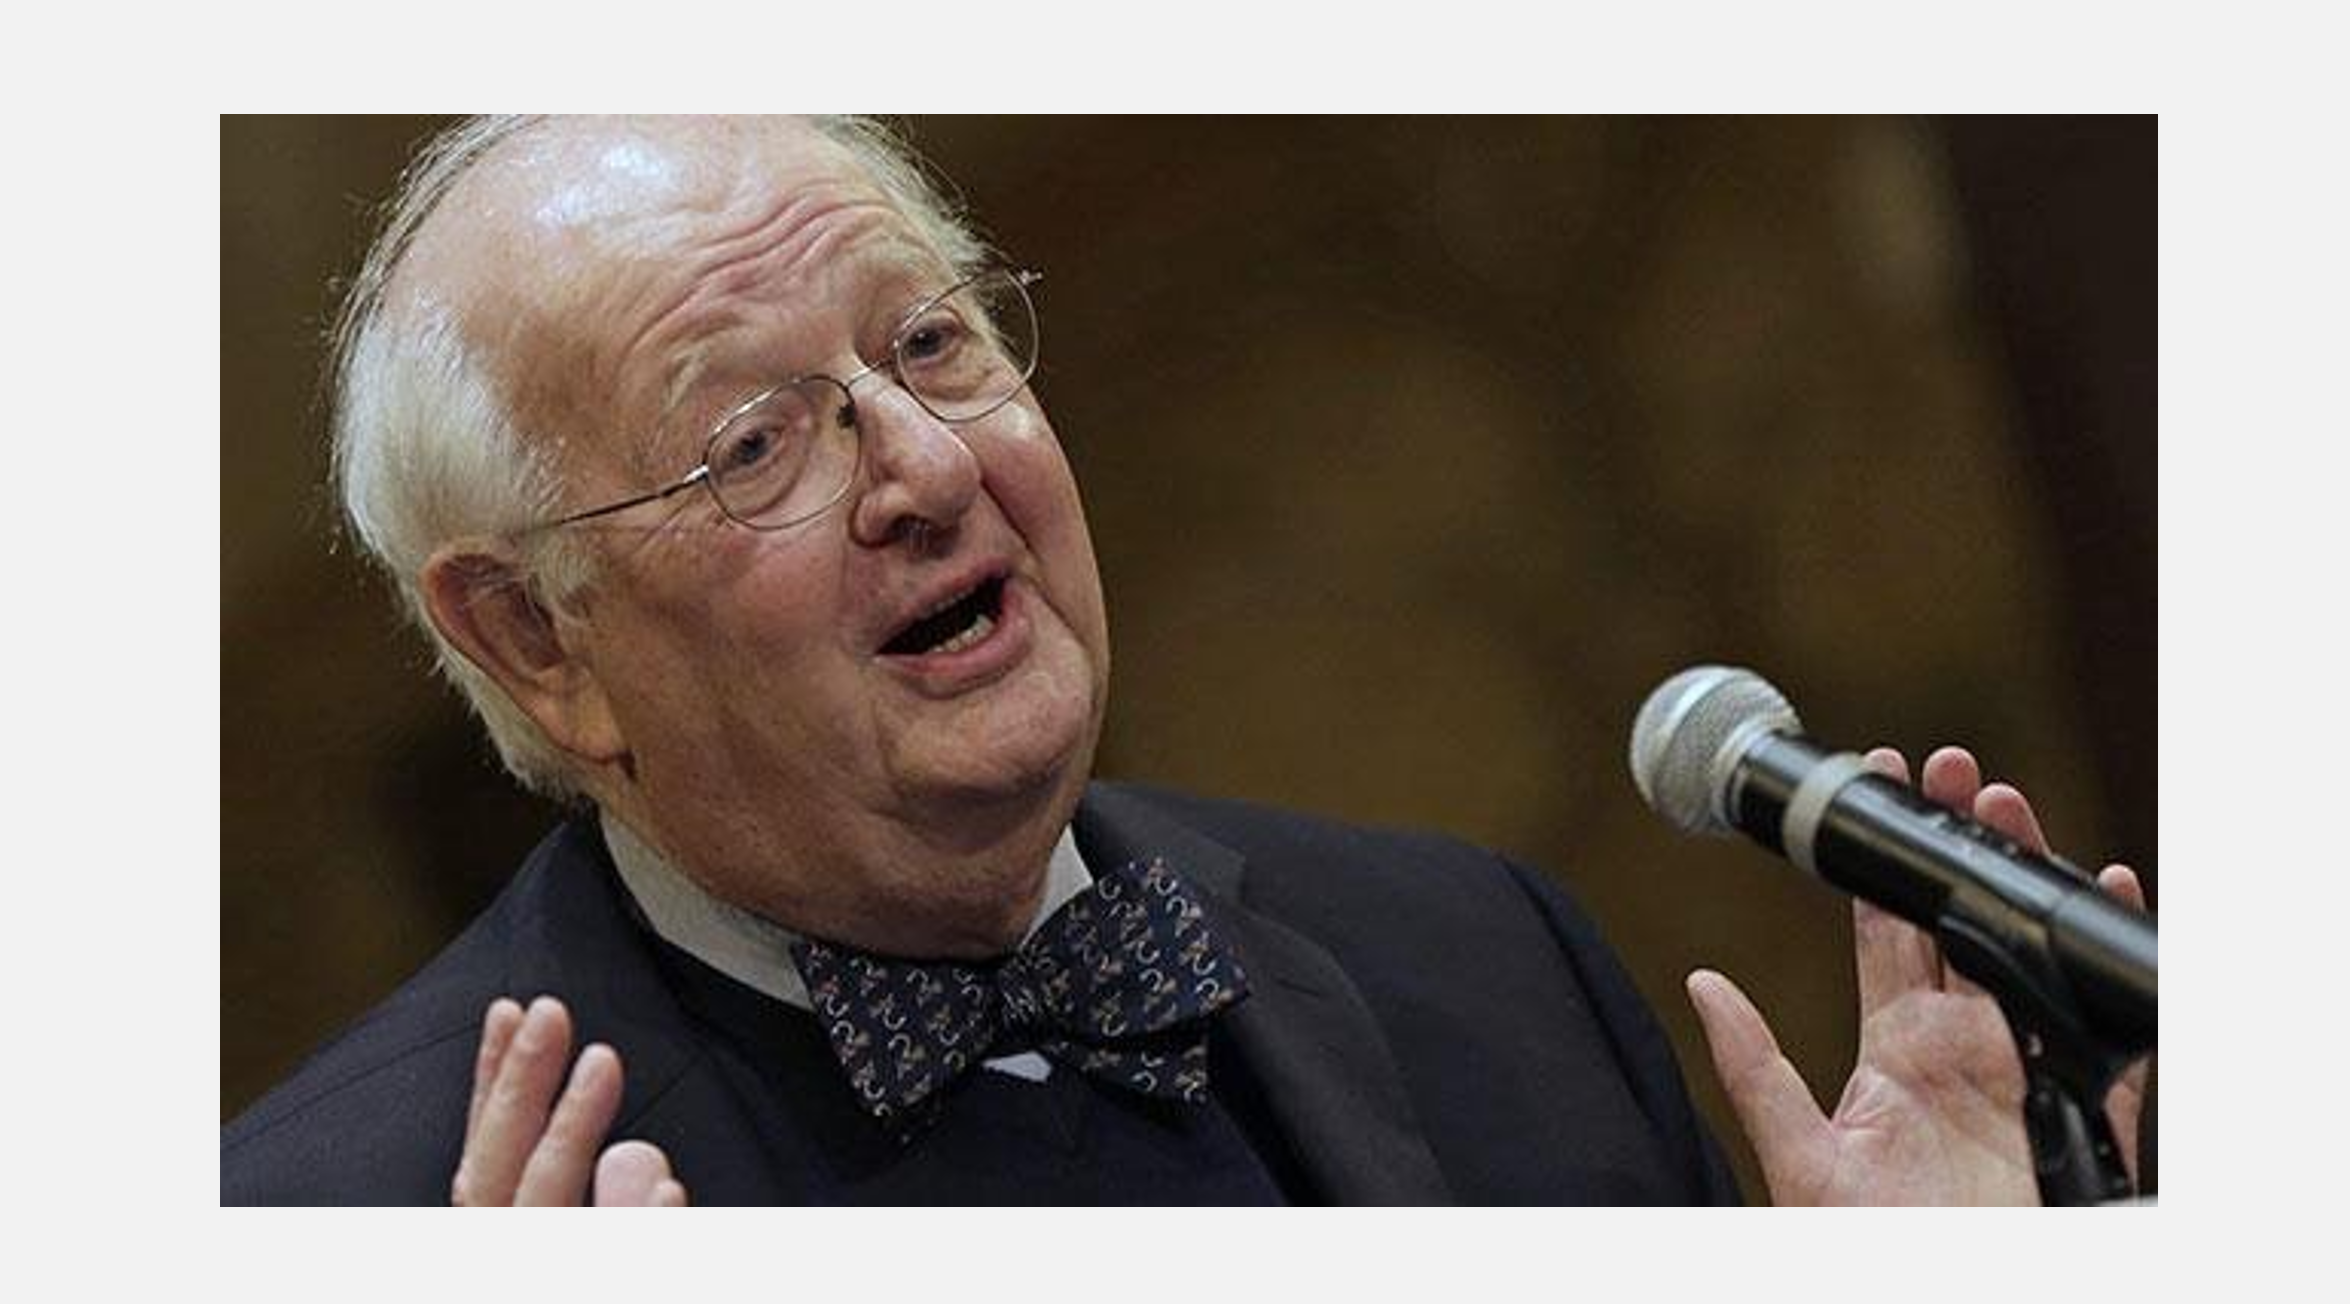 Fotografía del Nobel de Economía 2015 Angus Deaton